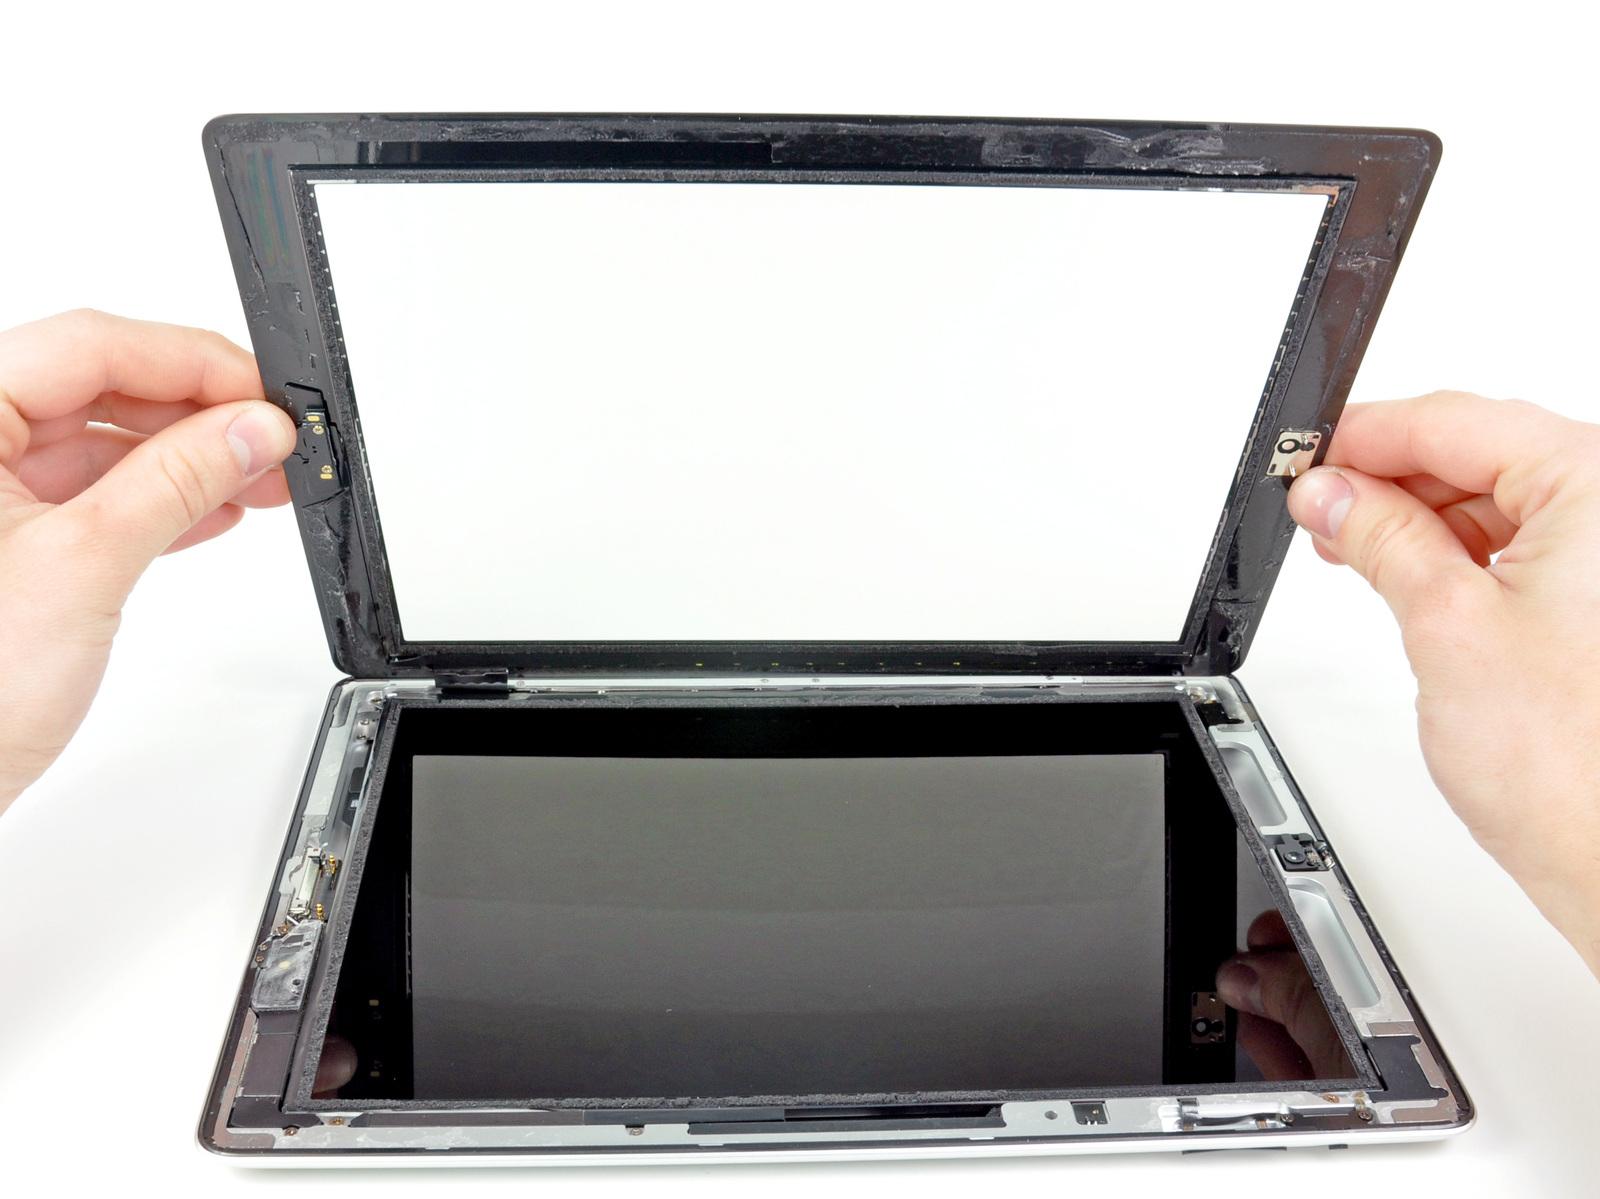 Ремонт компьютеров и планшетов на дому